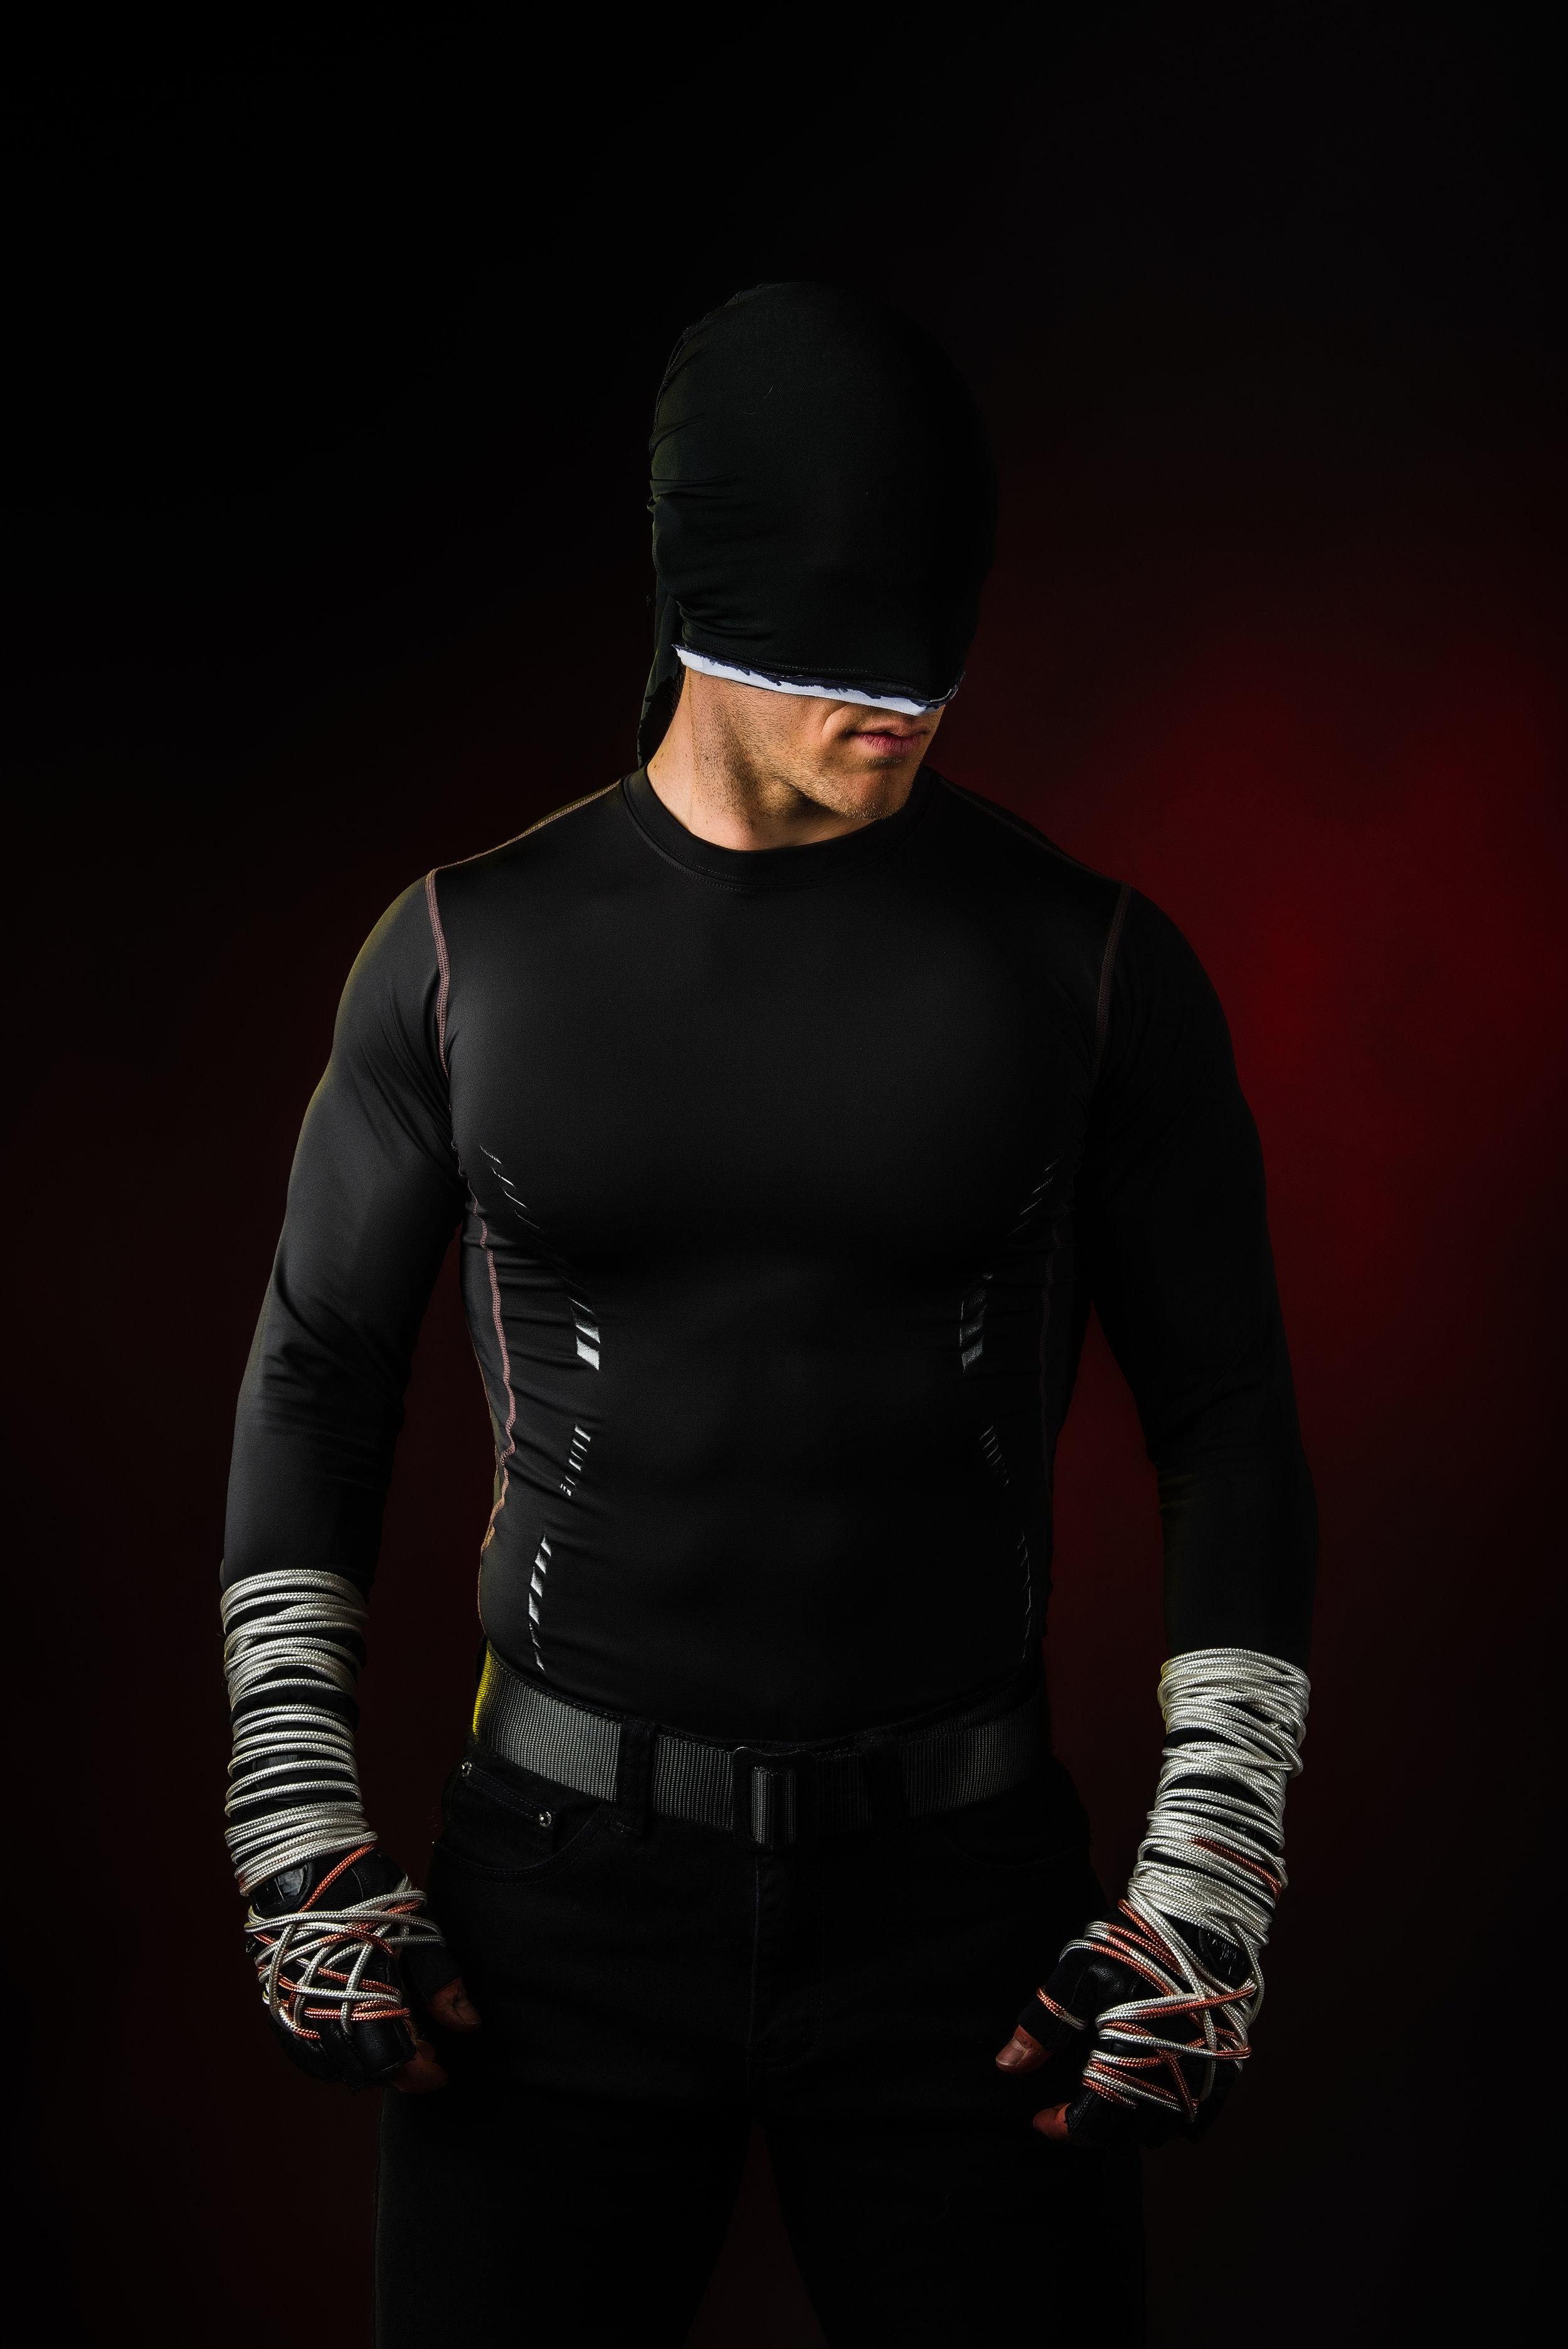 Vigilante Daredevil (Netflix version)